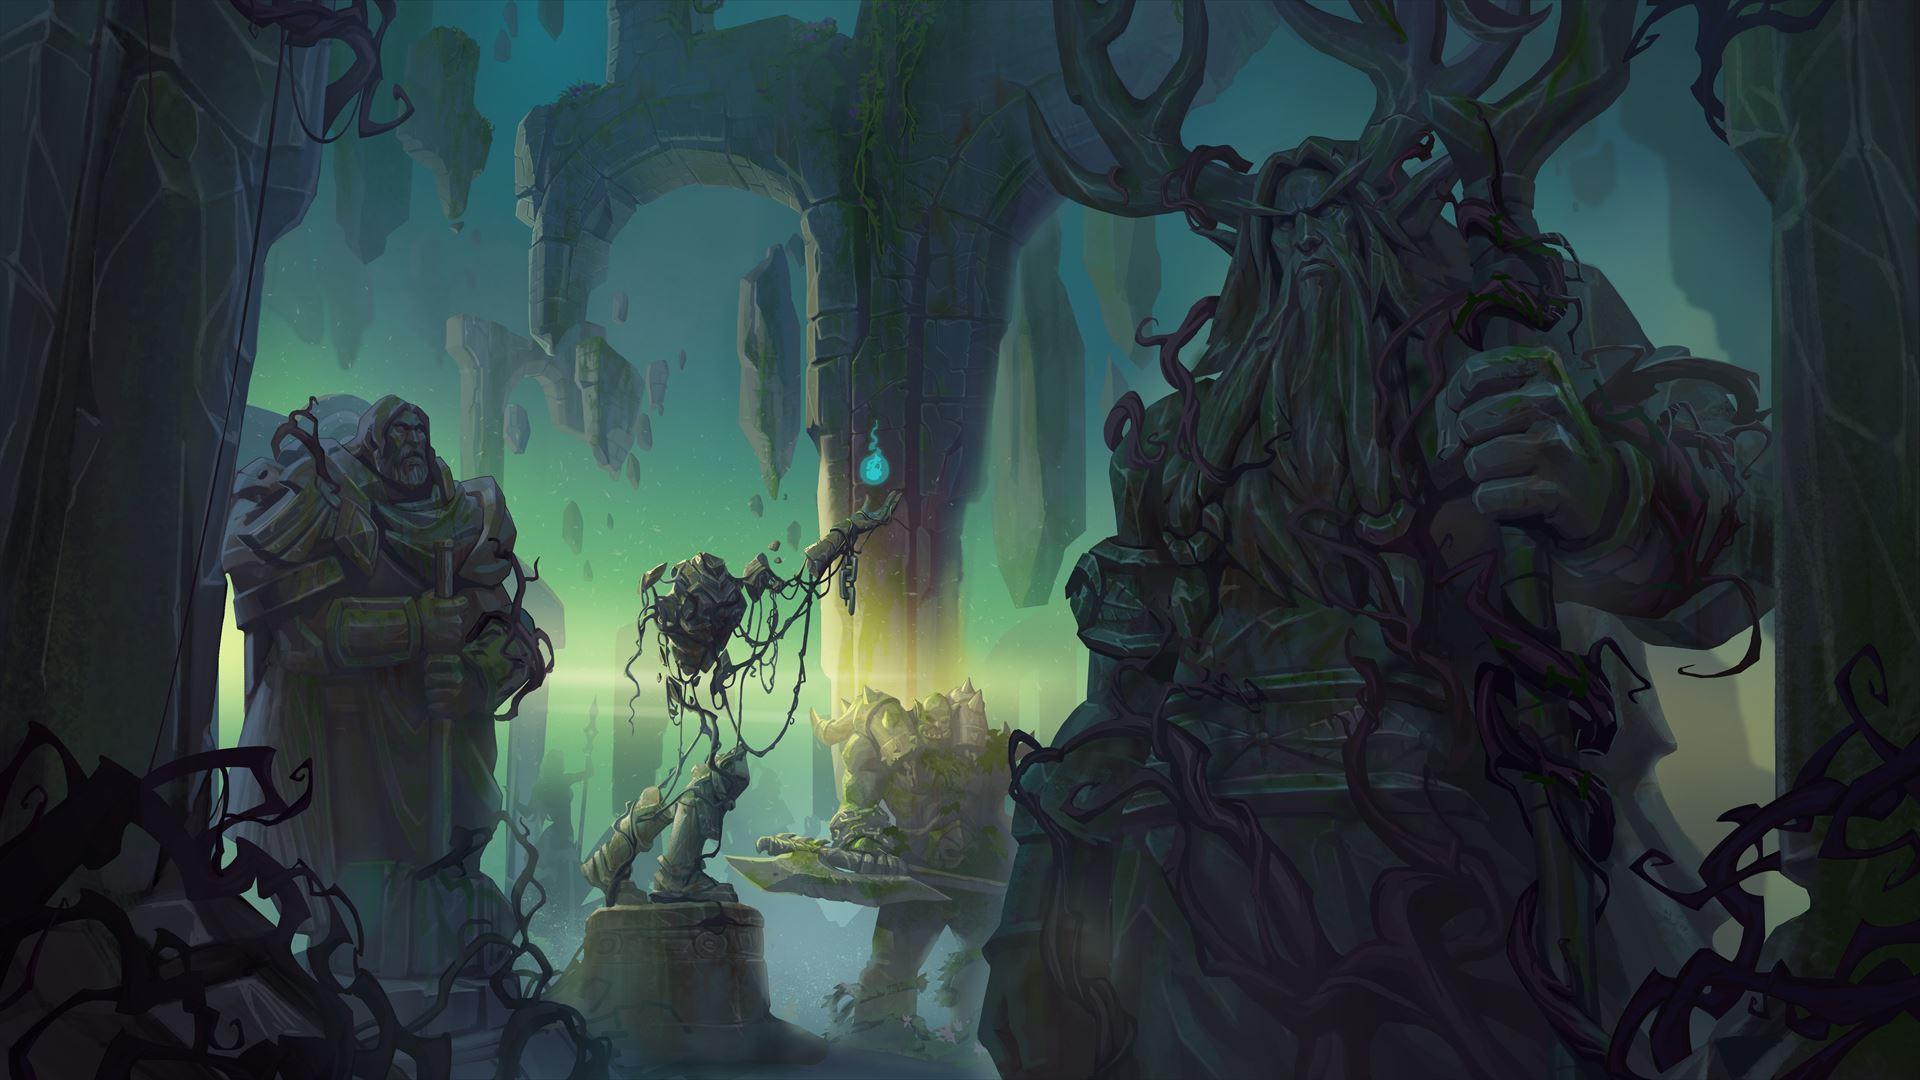 アウトランドは、「World of Warcraft: The Burning Crusade」の戦火によって荒廃している